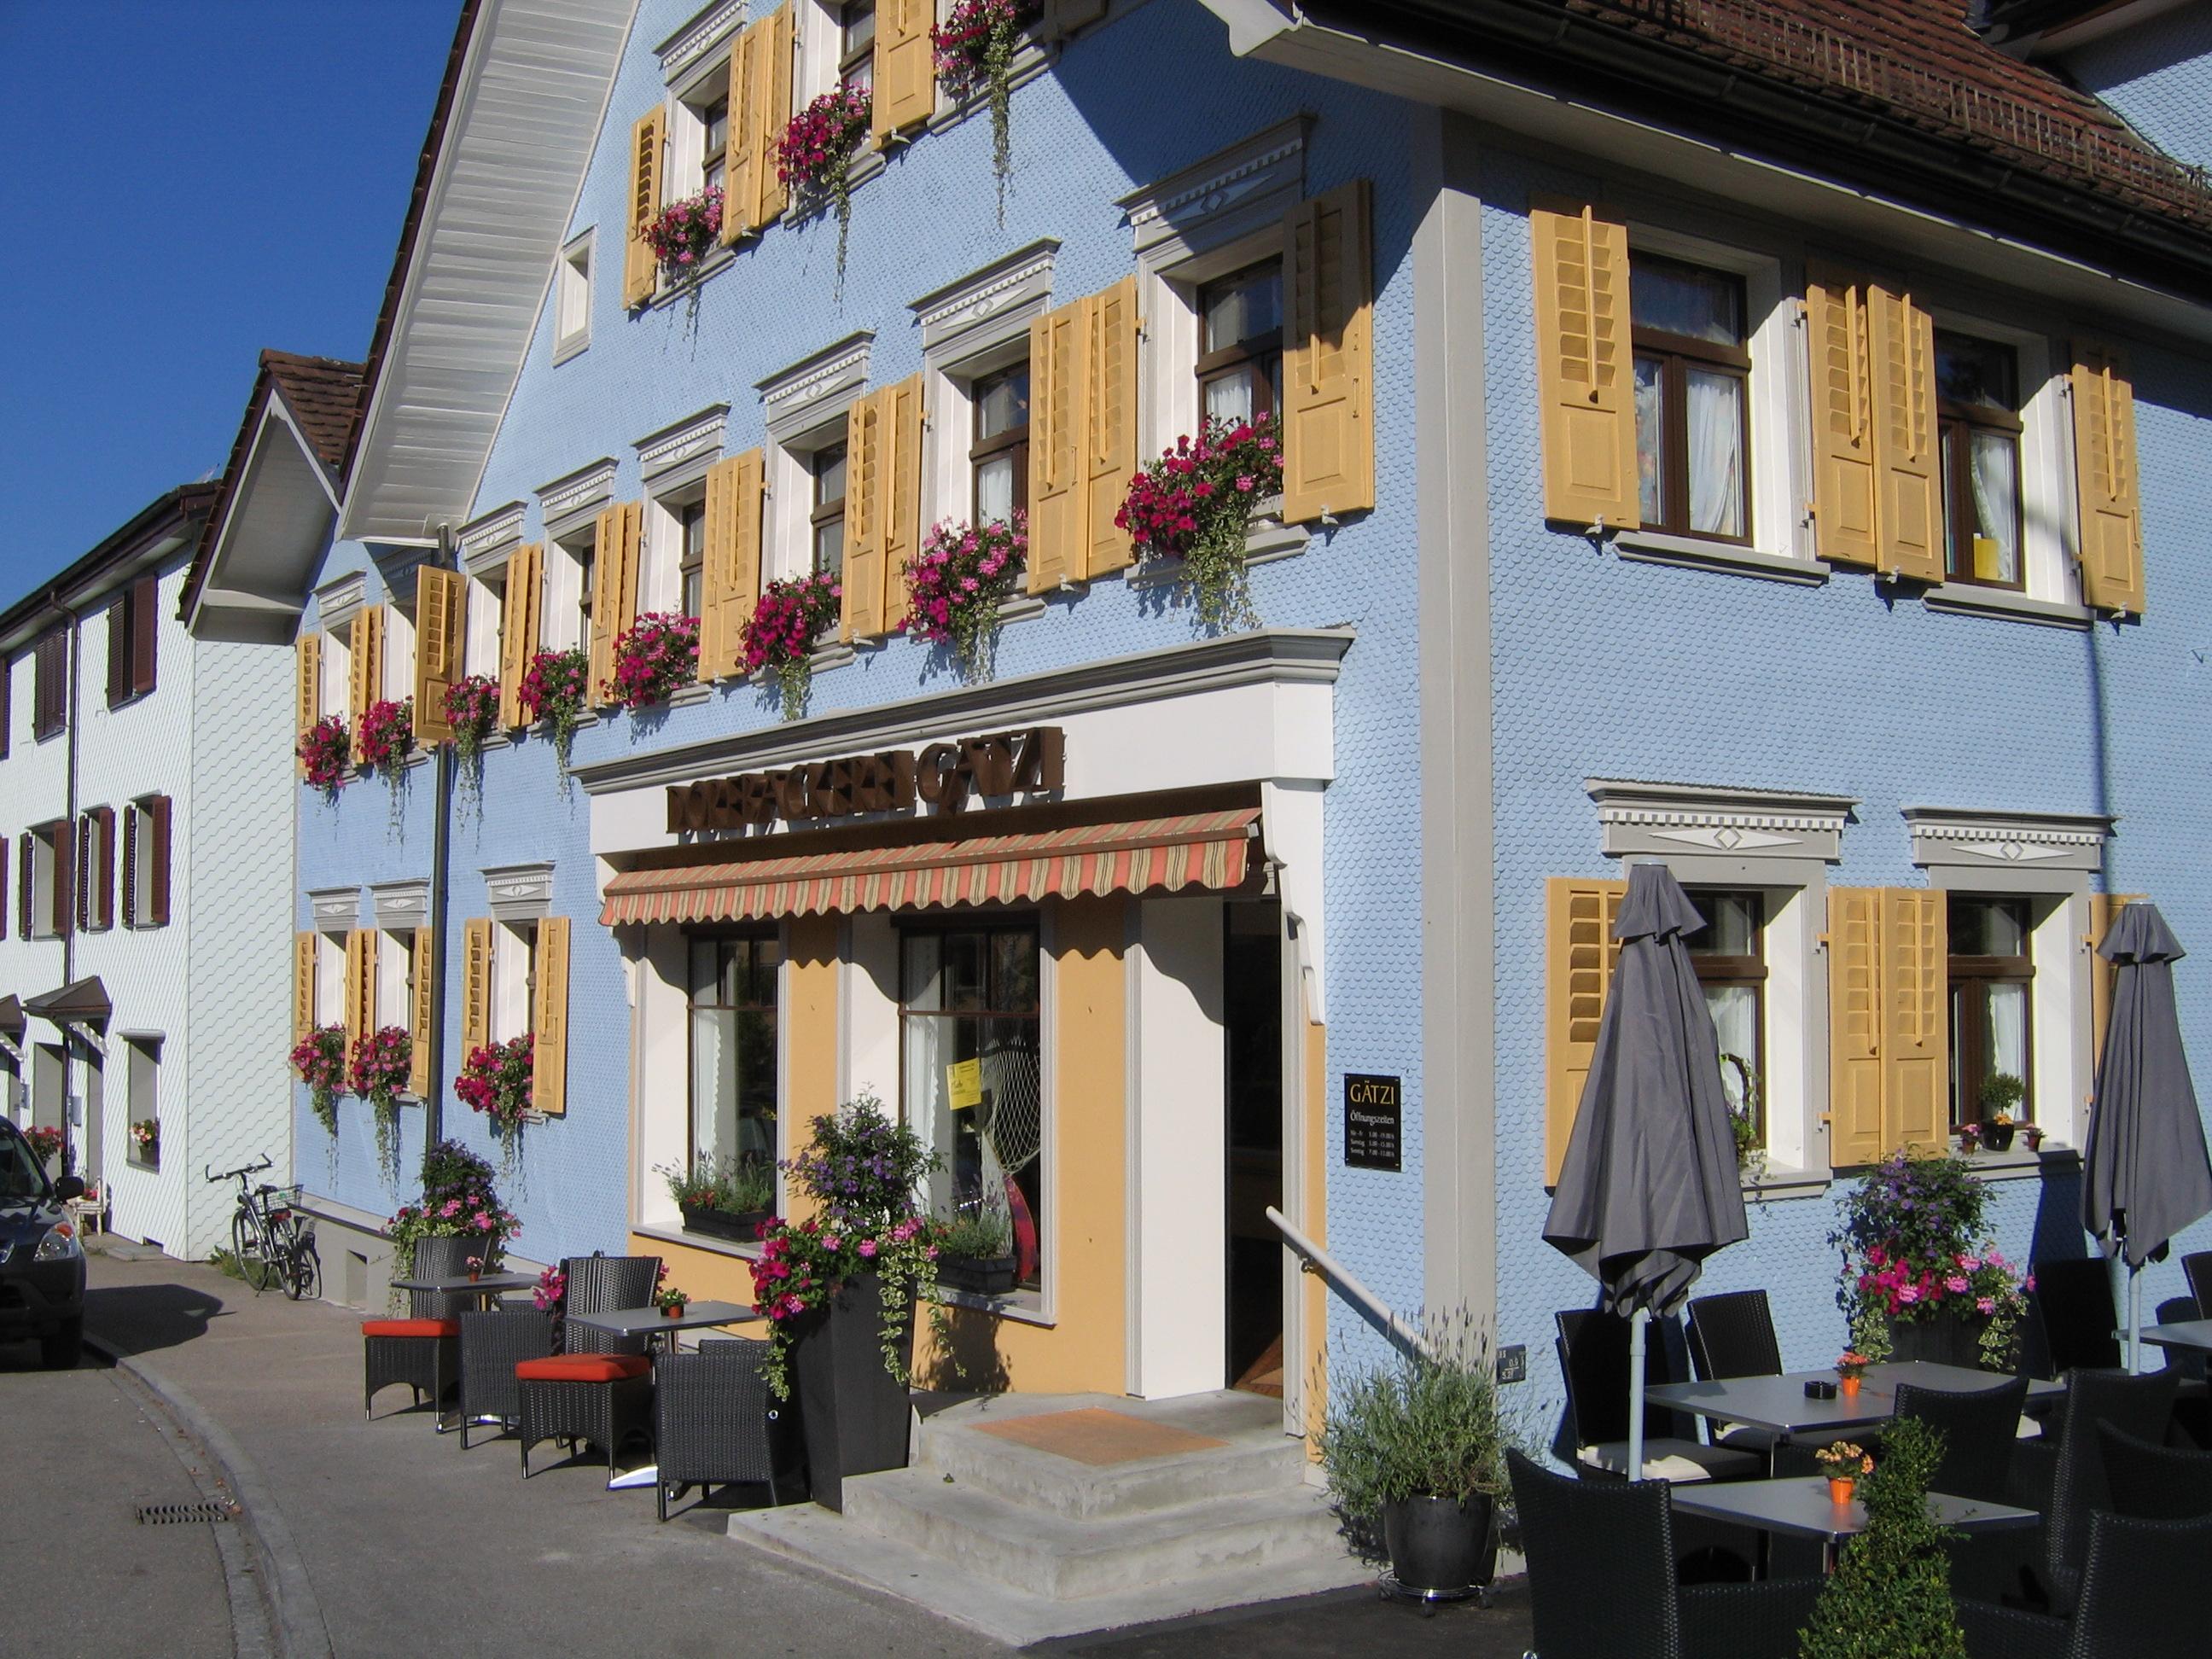 Dorfbäckerei Gätzi